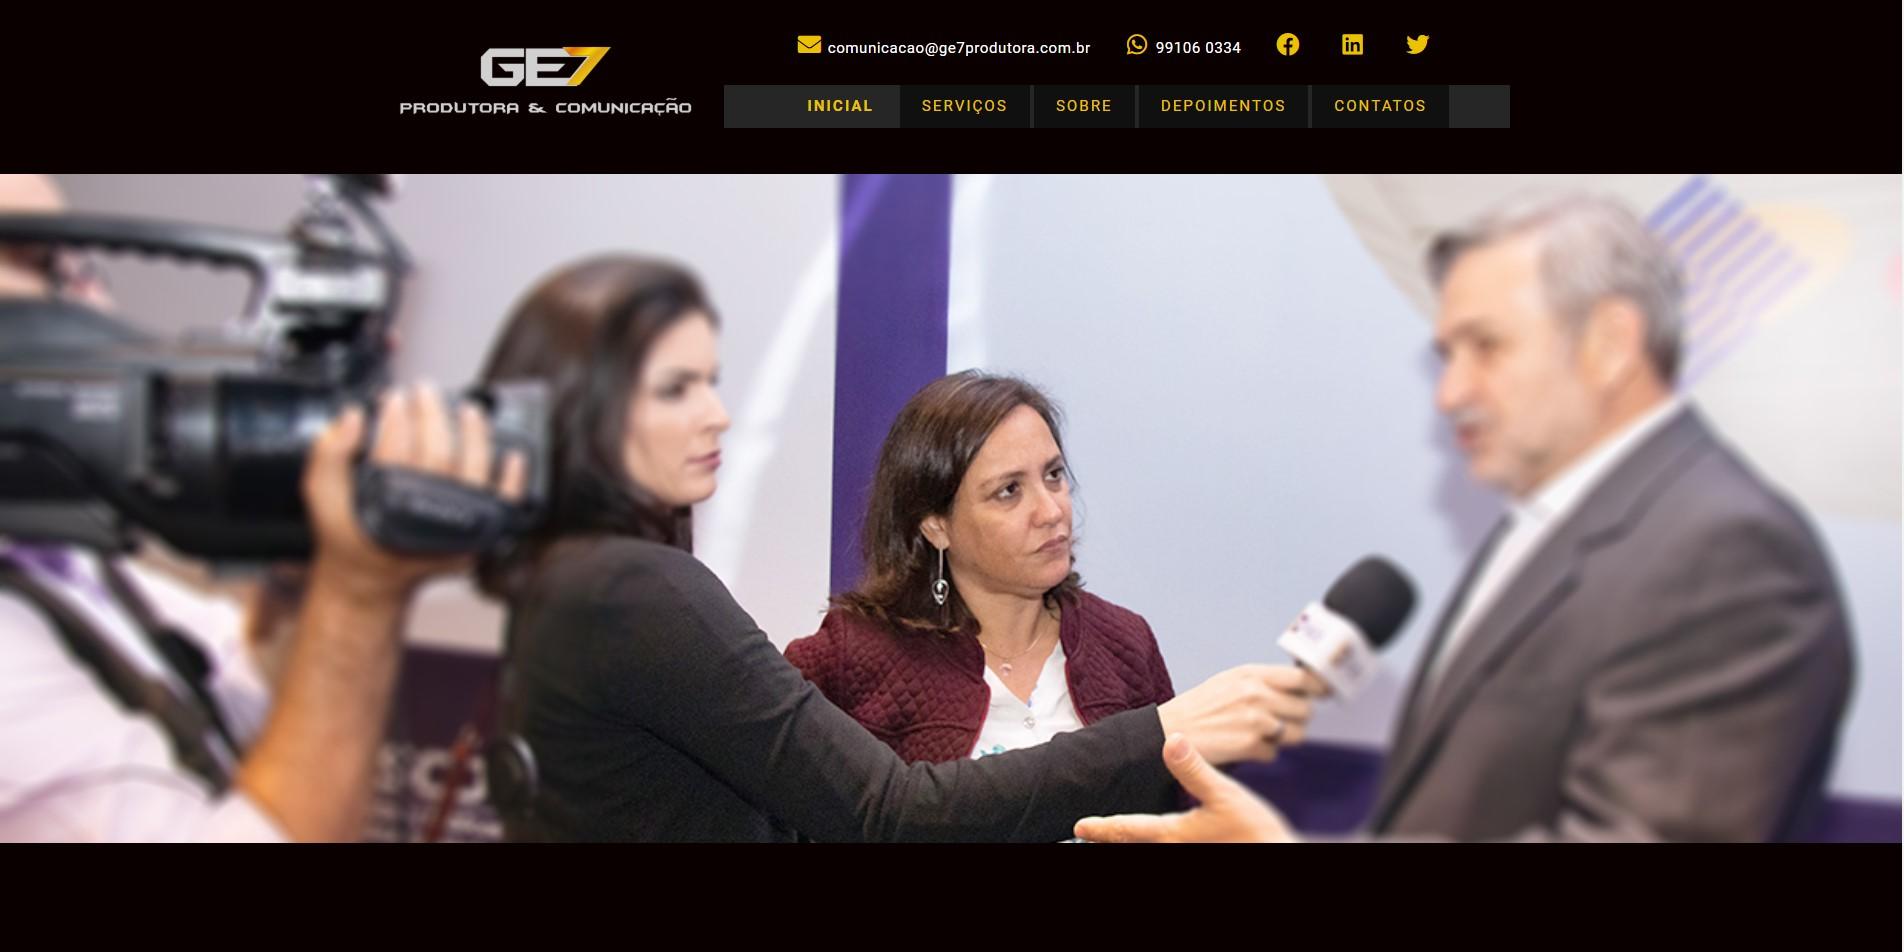 GE7 Comunicação